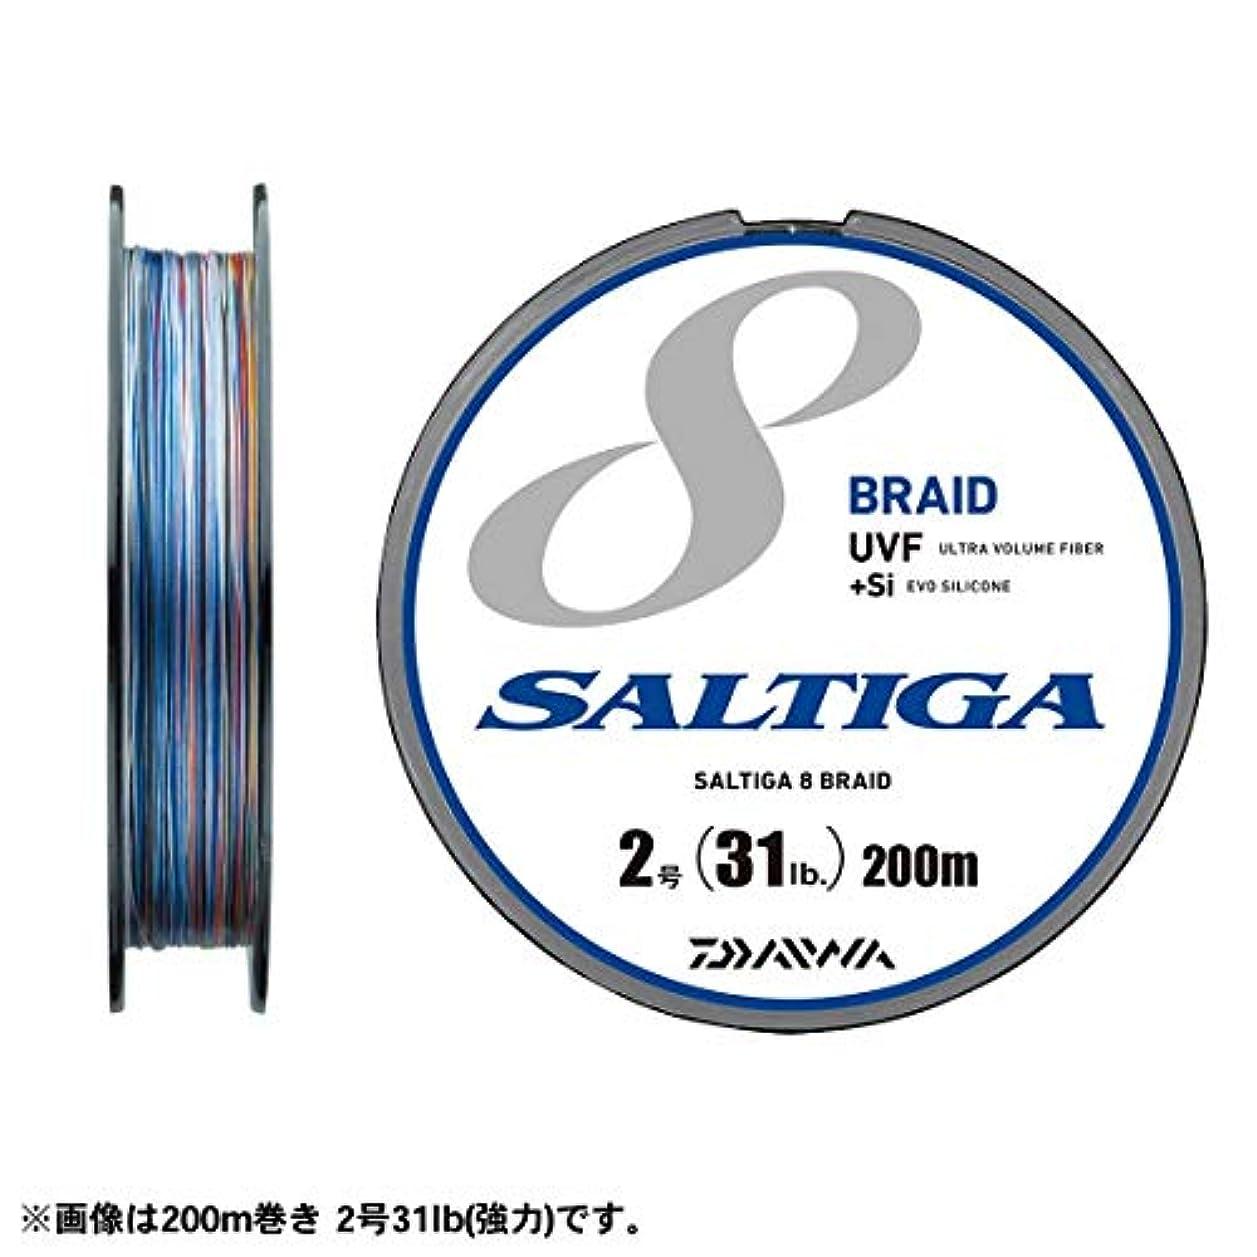 オリエンタルに対処するパドルダイワ(Daiwa) PEライン UVF ソルティガセンサー 8ブレイド+si 300m 3号 40lb マルチカラー